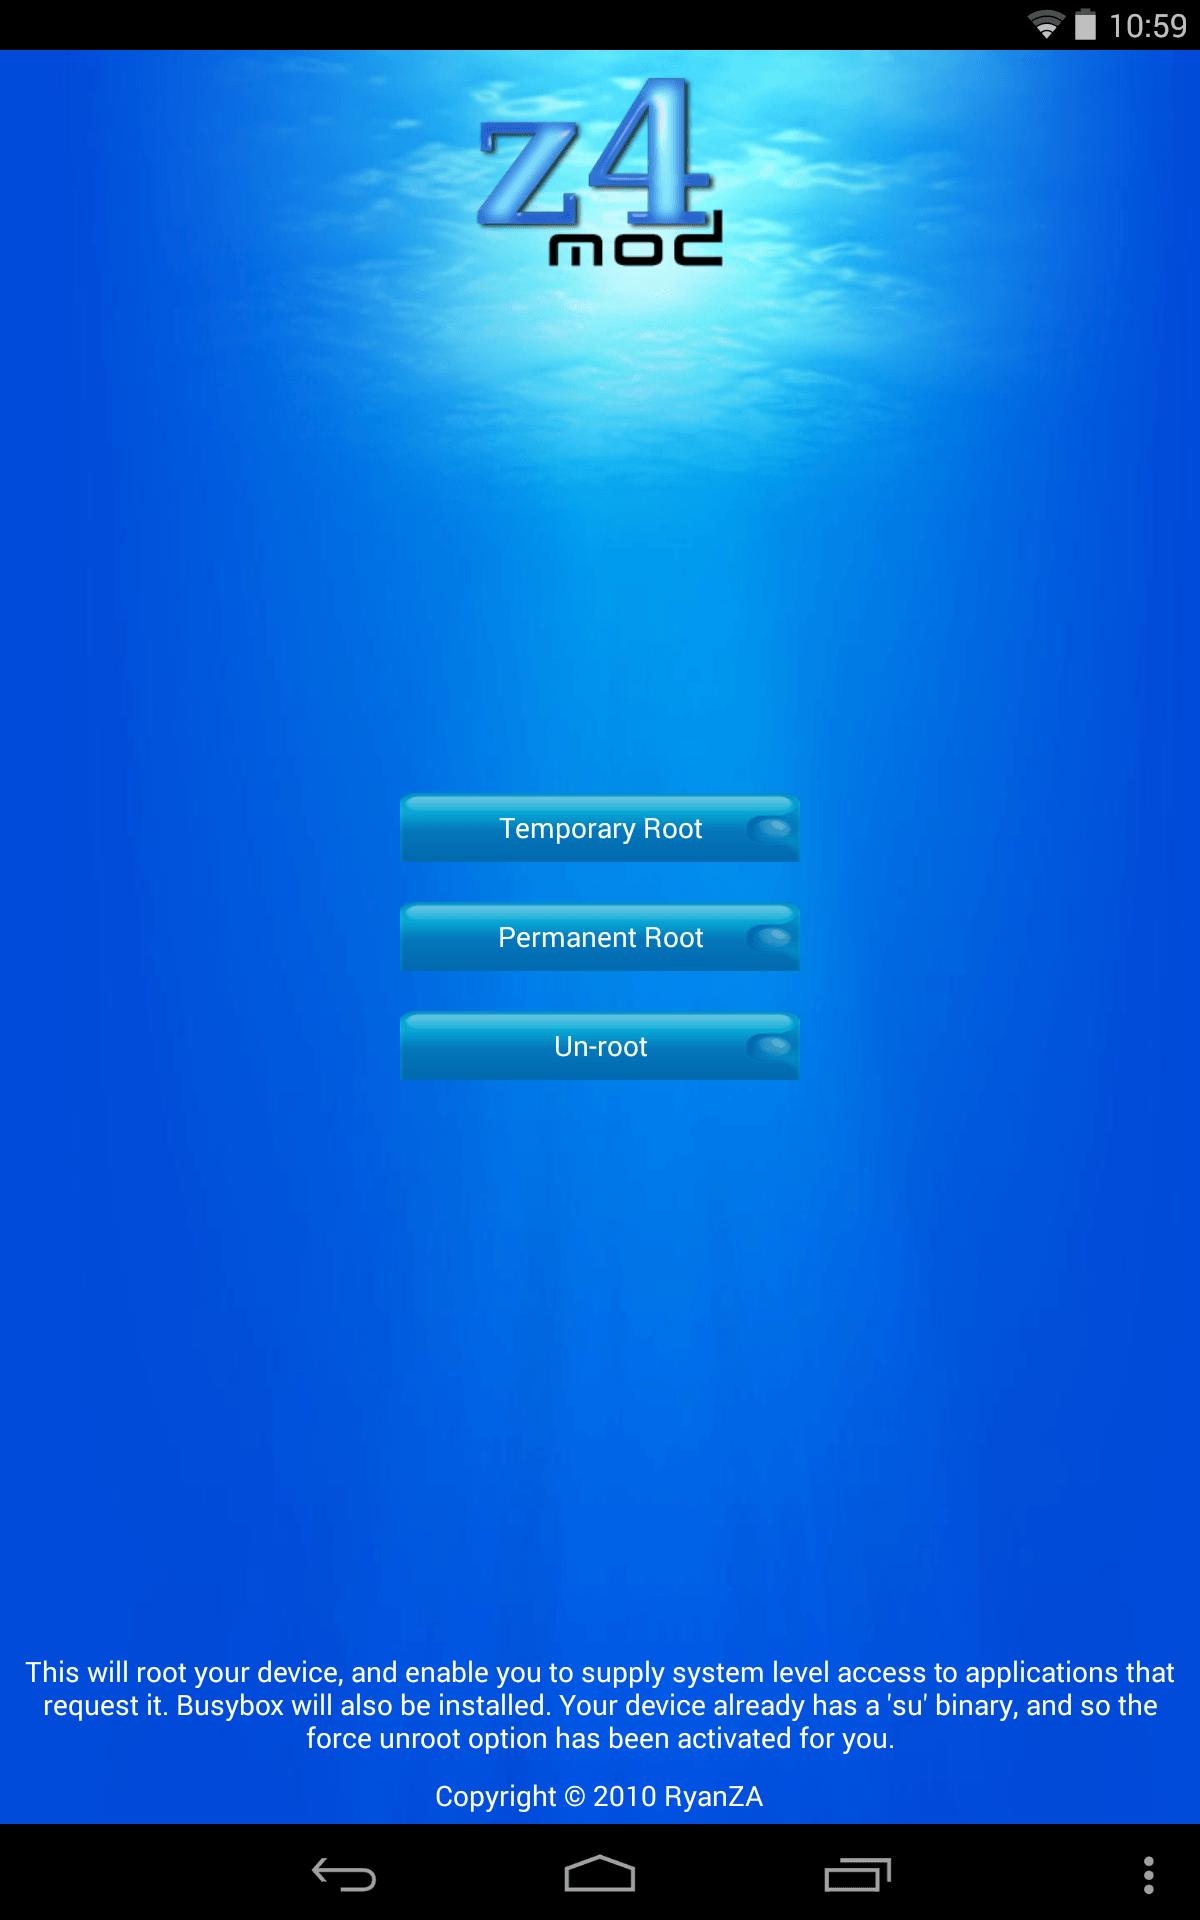 Hướng dẫn Root Android không cần máy tính chỉ trong 2 phút 2